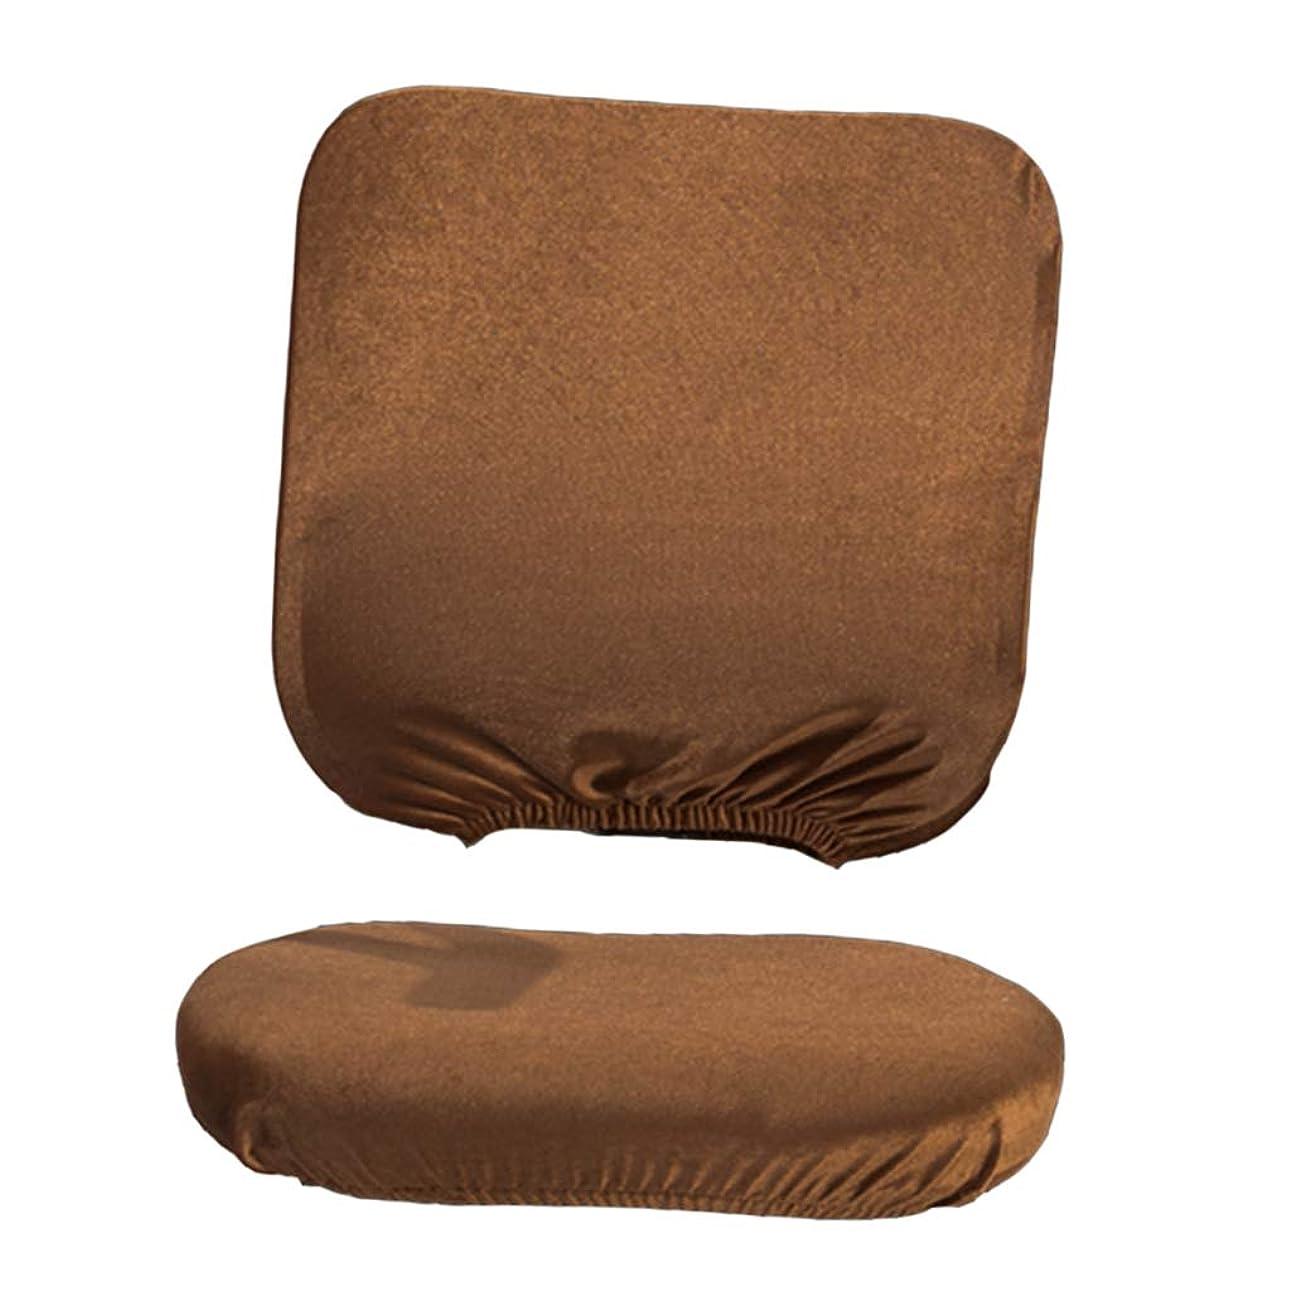 交通評論家下に椅子カバー チェアカバー オフィスチェアカバー 伸縮素材 ポリエステル生地 選べる13色 - ブラウン